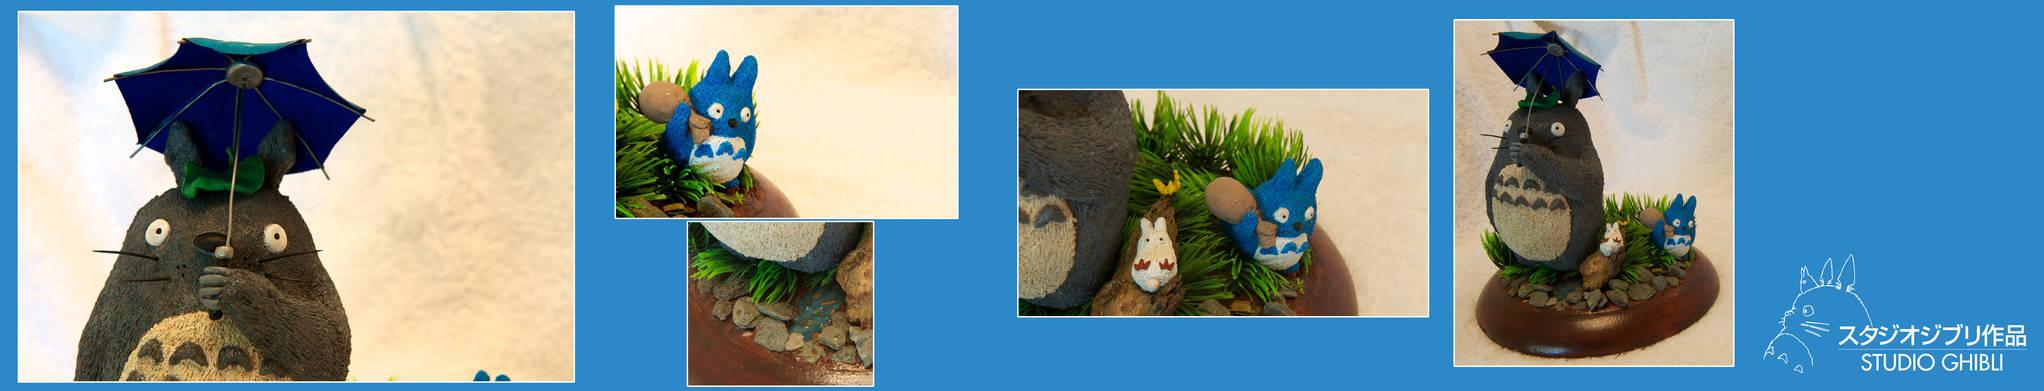 Handmade Totoro Diorama Details